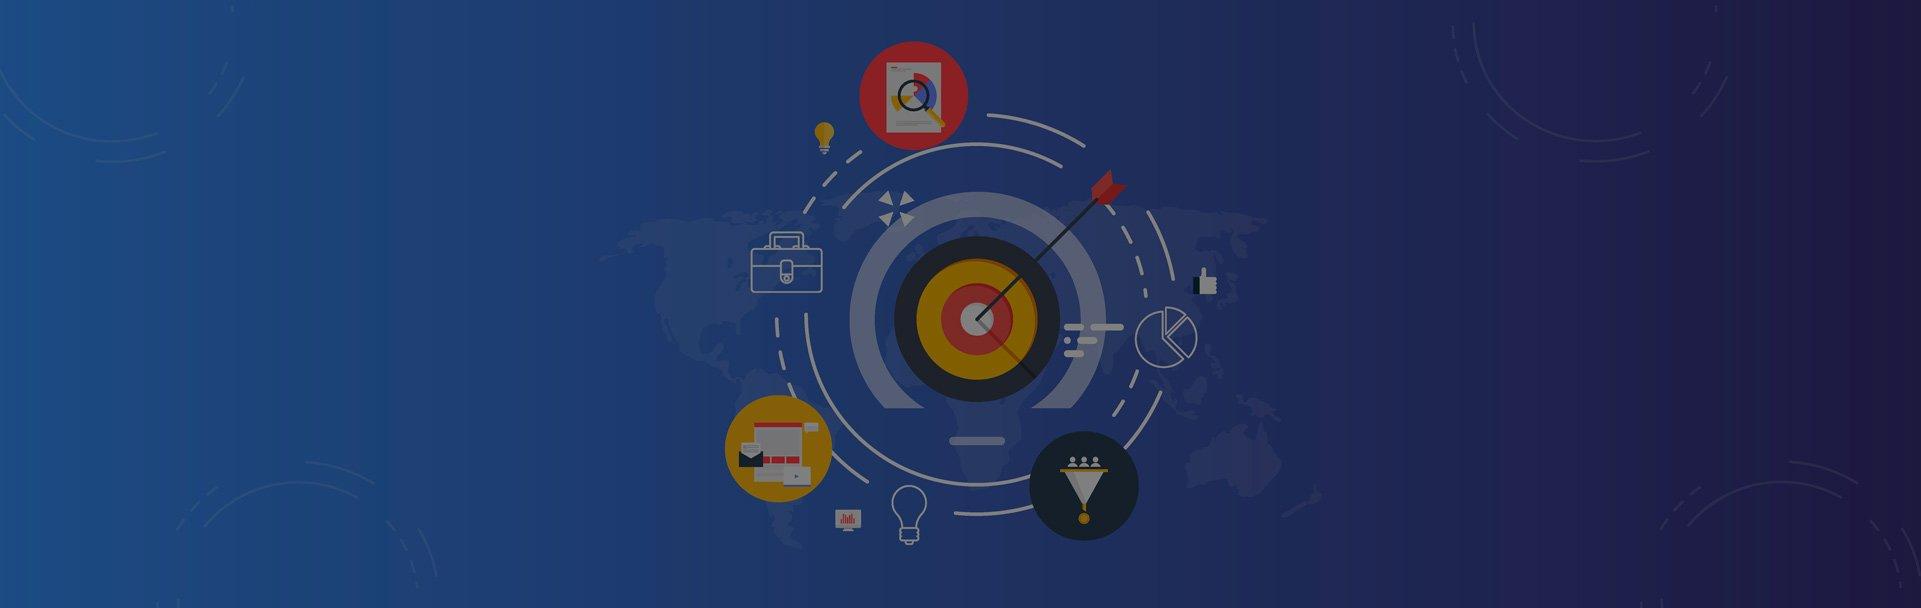 Blog-Solucionweb-Por-que-debemos-comprender-el-recorrido-del-comprador-Aplicalo-a-tu-empresa-02